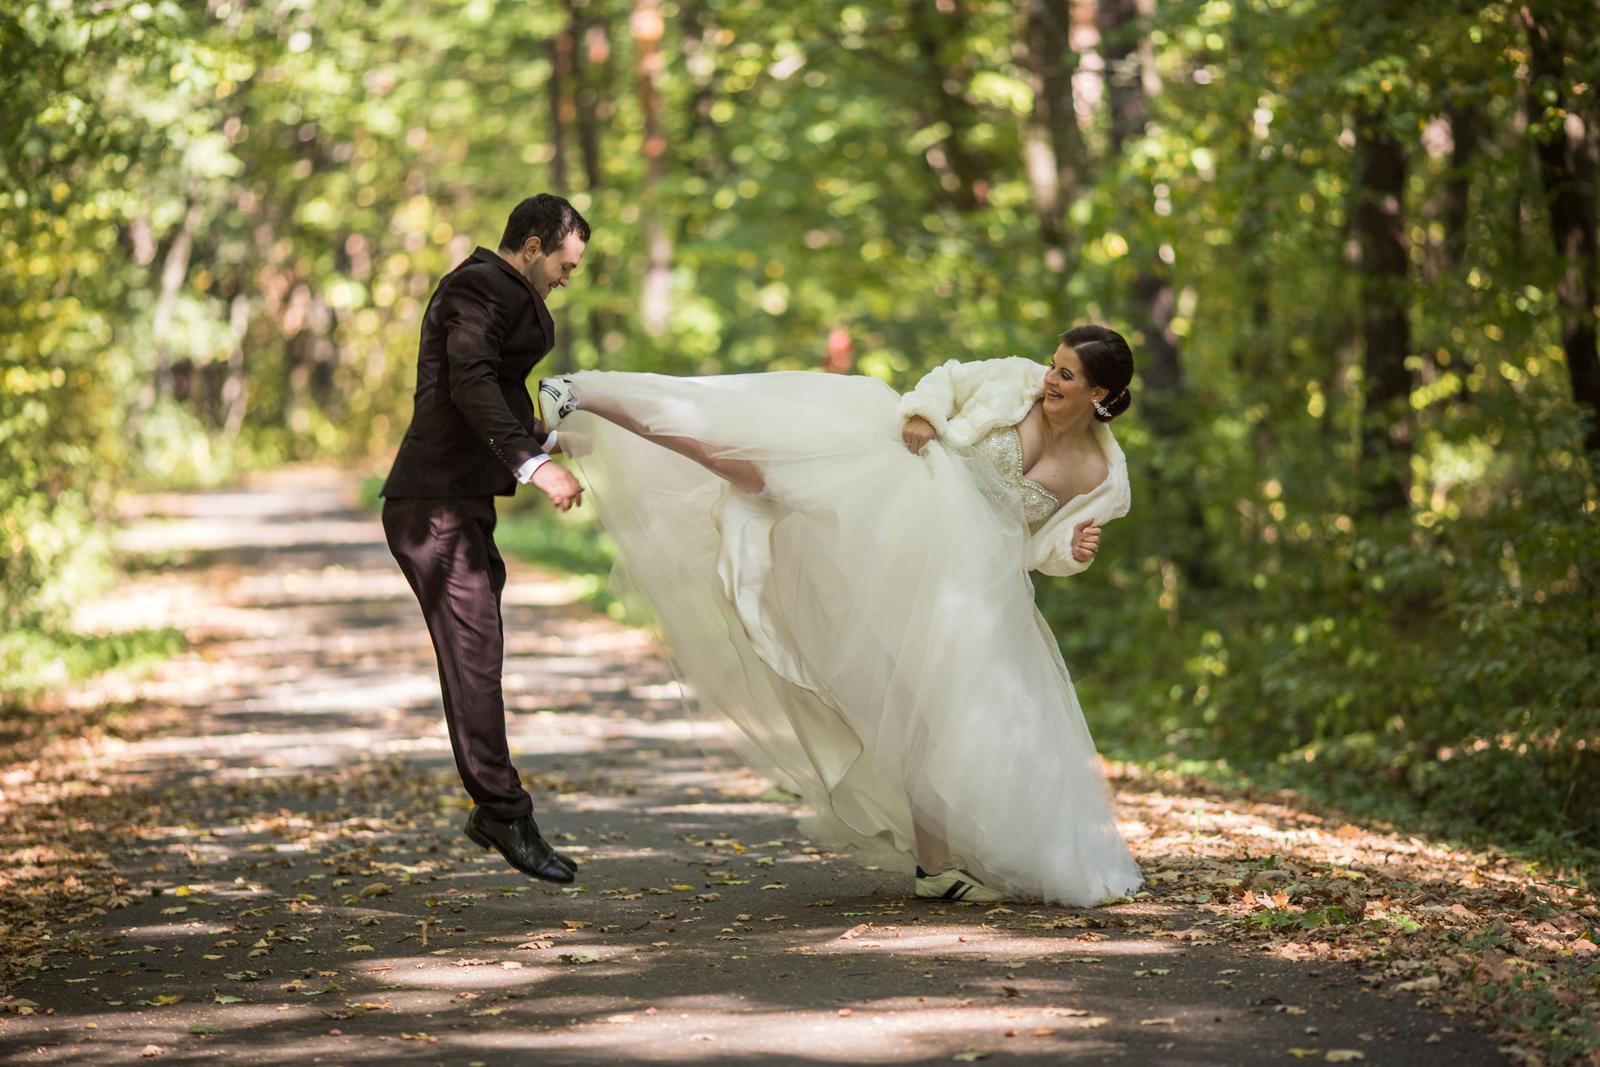 Ešte som sa neoženil,... - Obrázok č. 1